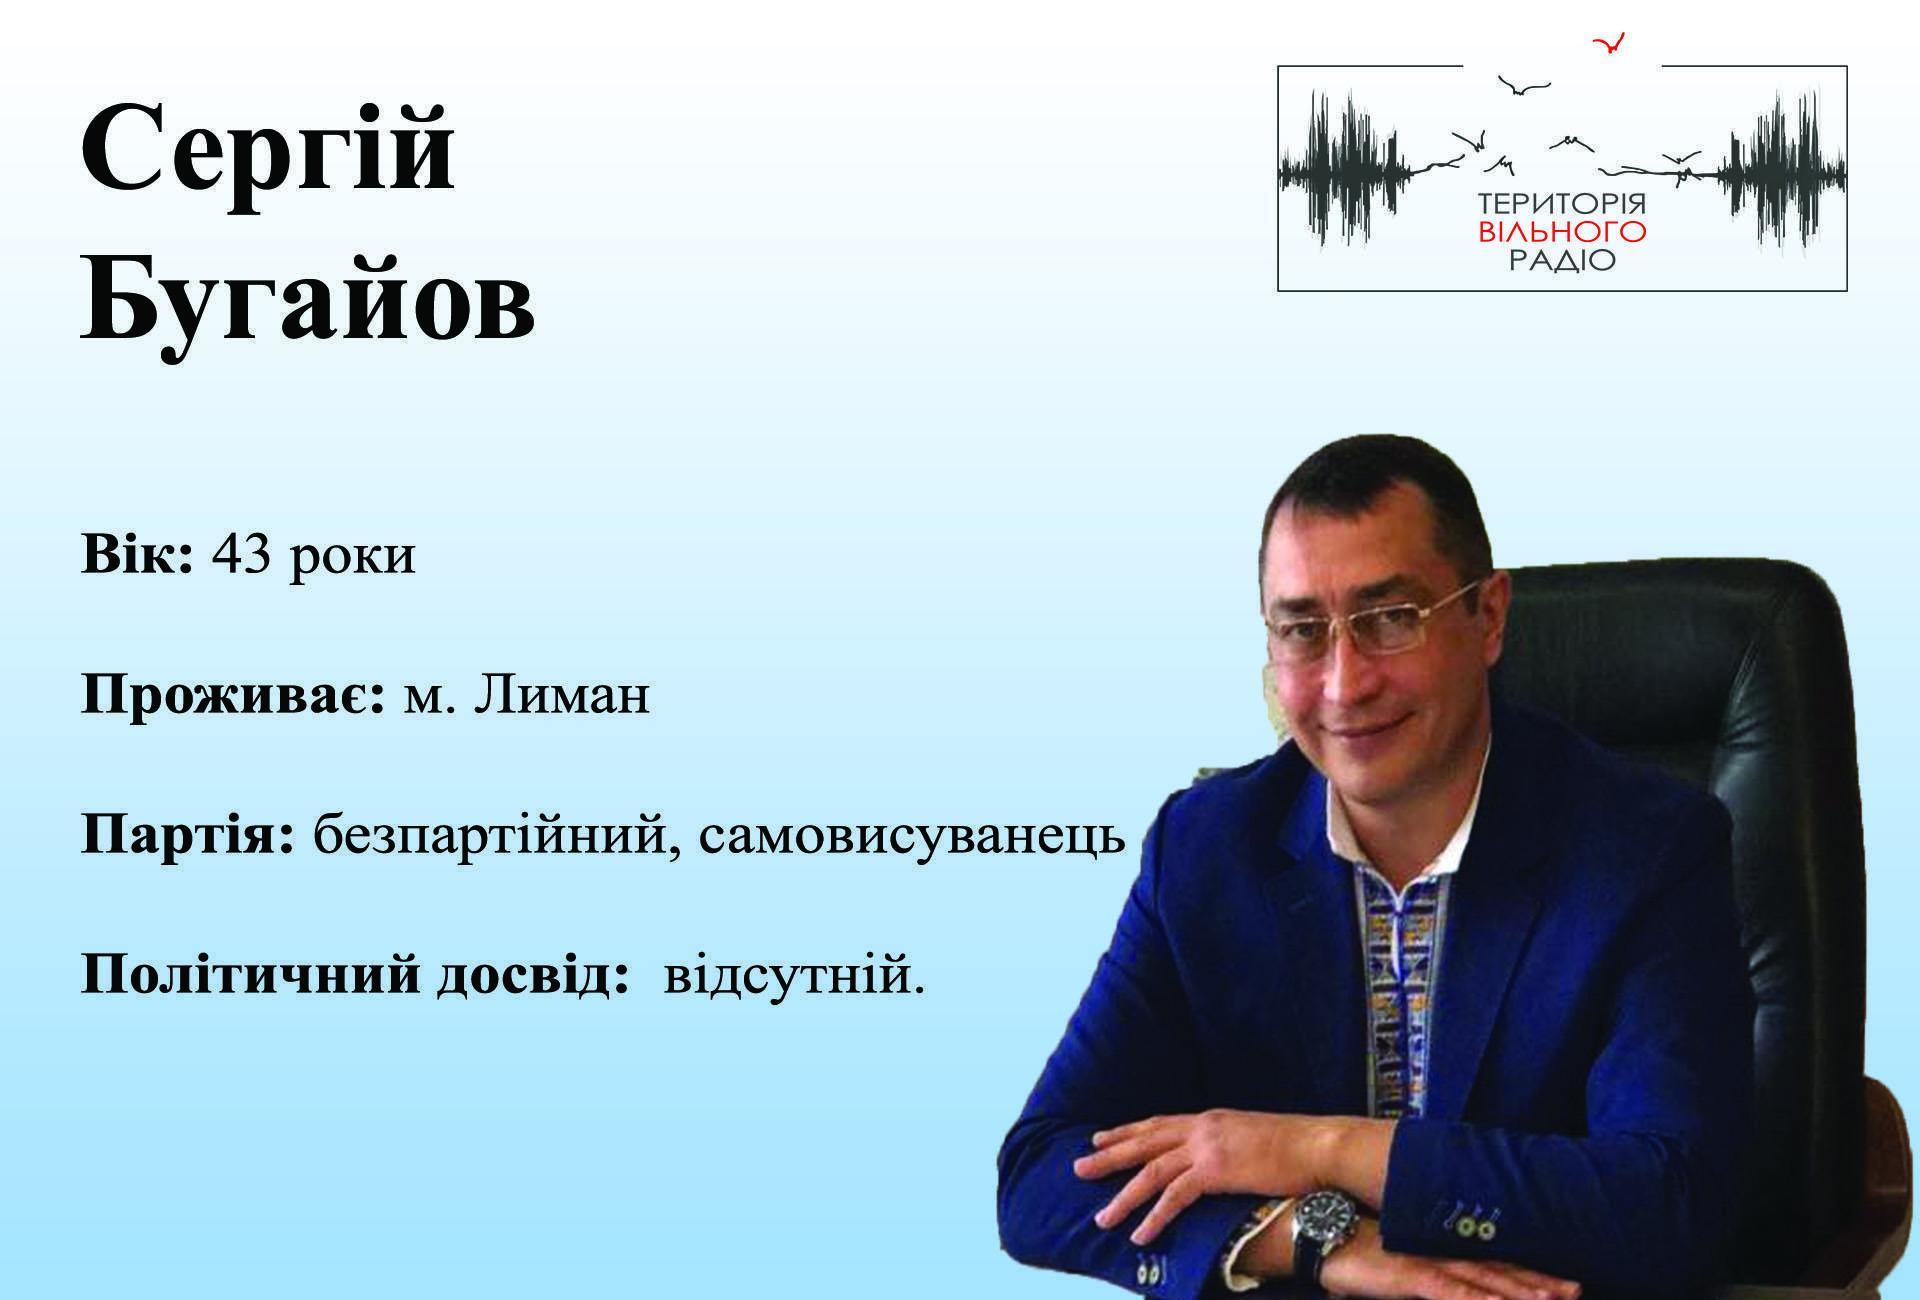 Сергей Бугайов 46 избирательный округ